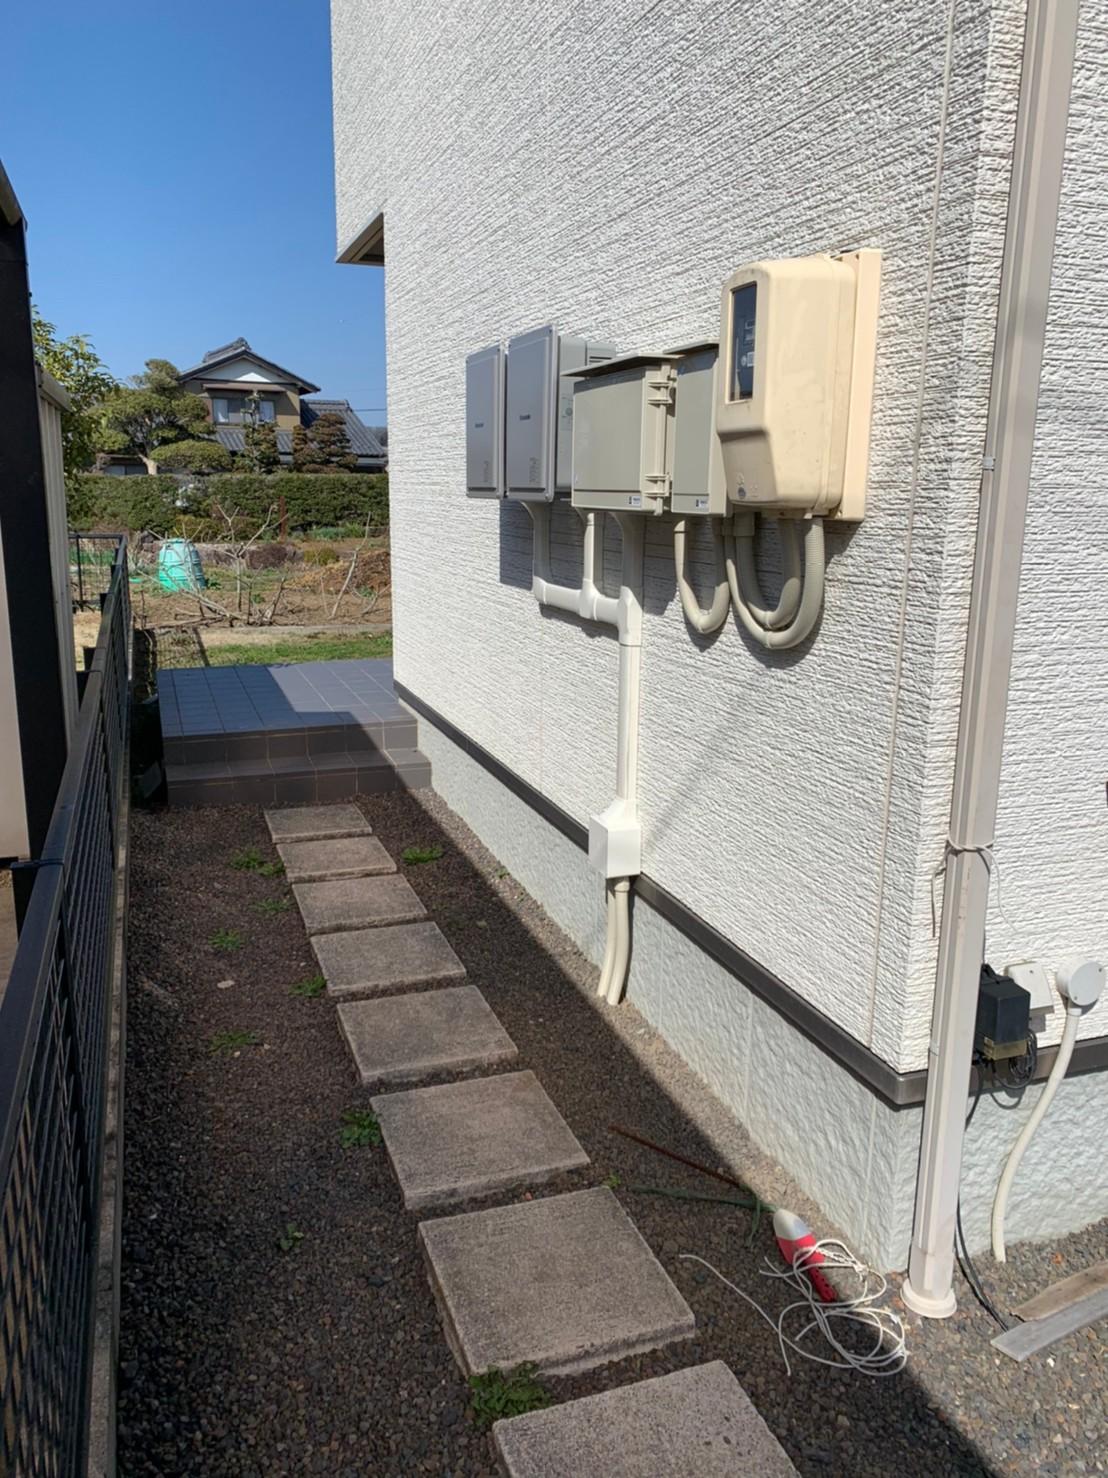 岐阜県多治見市の電力事業株式会社エネファントの太陽光パネル付きカーポート無料設置外壁設置方式イメージ